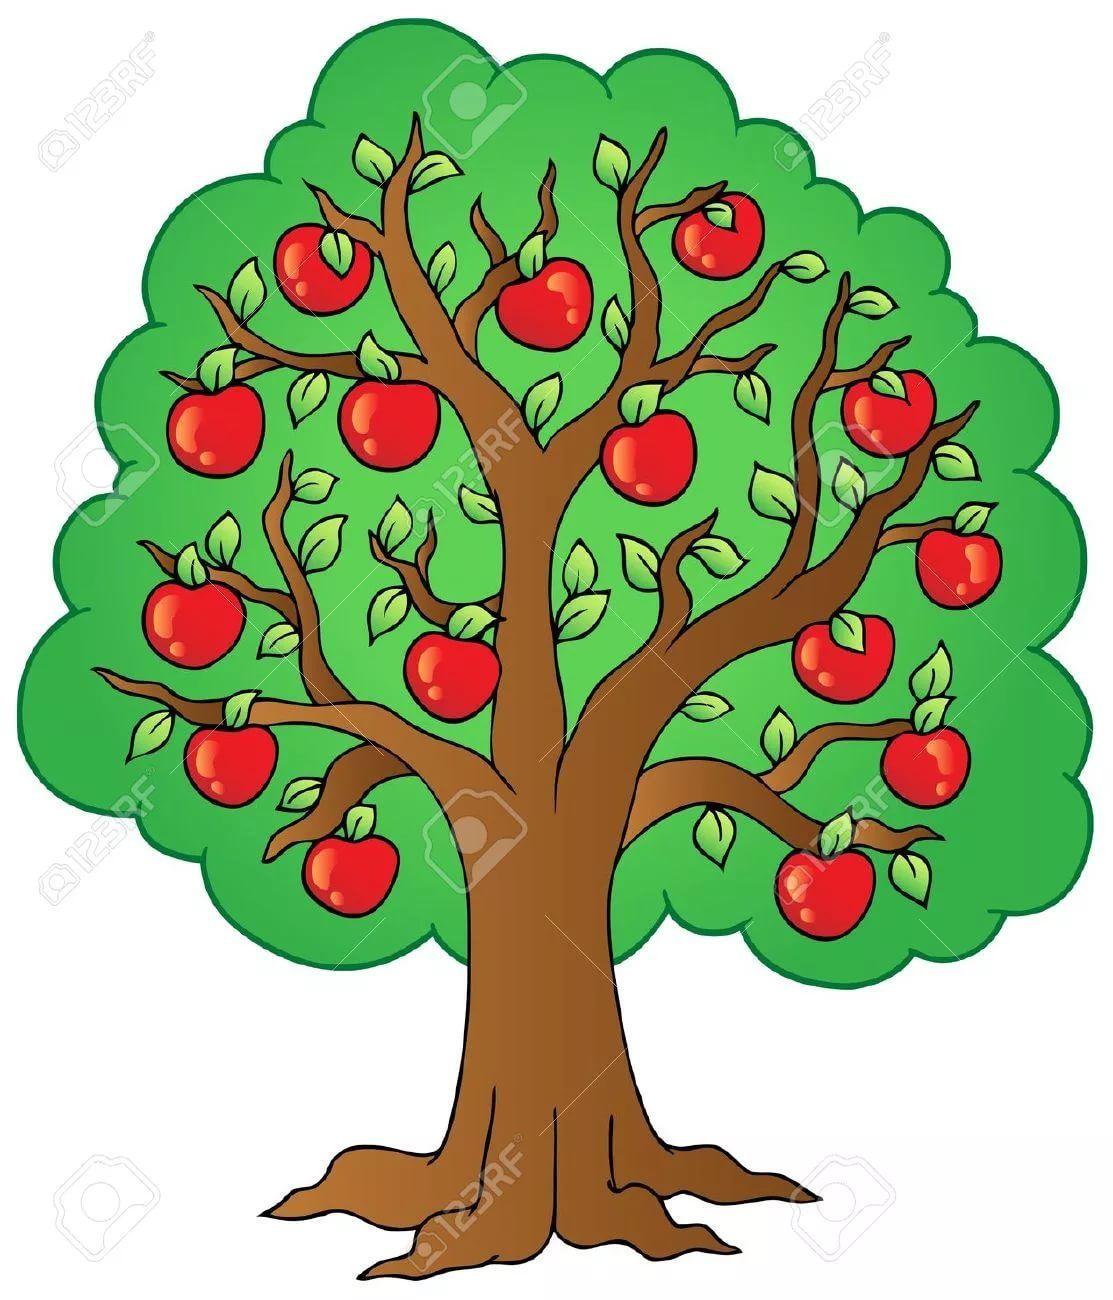 яблоня с яблоками картинки для детей: 12 тыс изображений ...